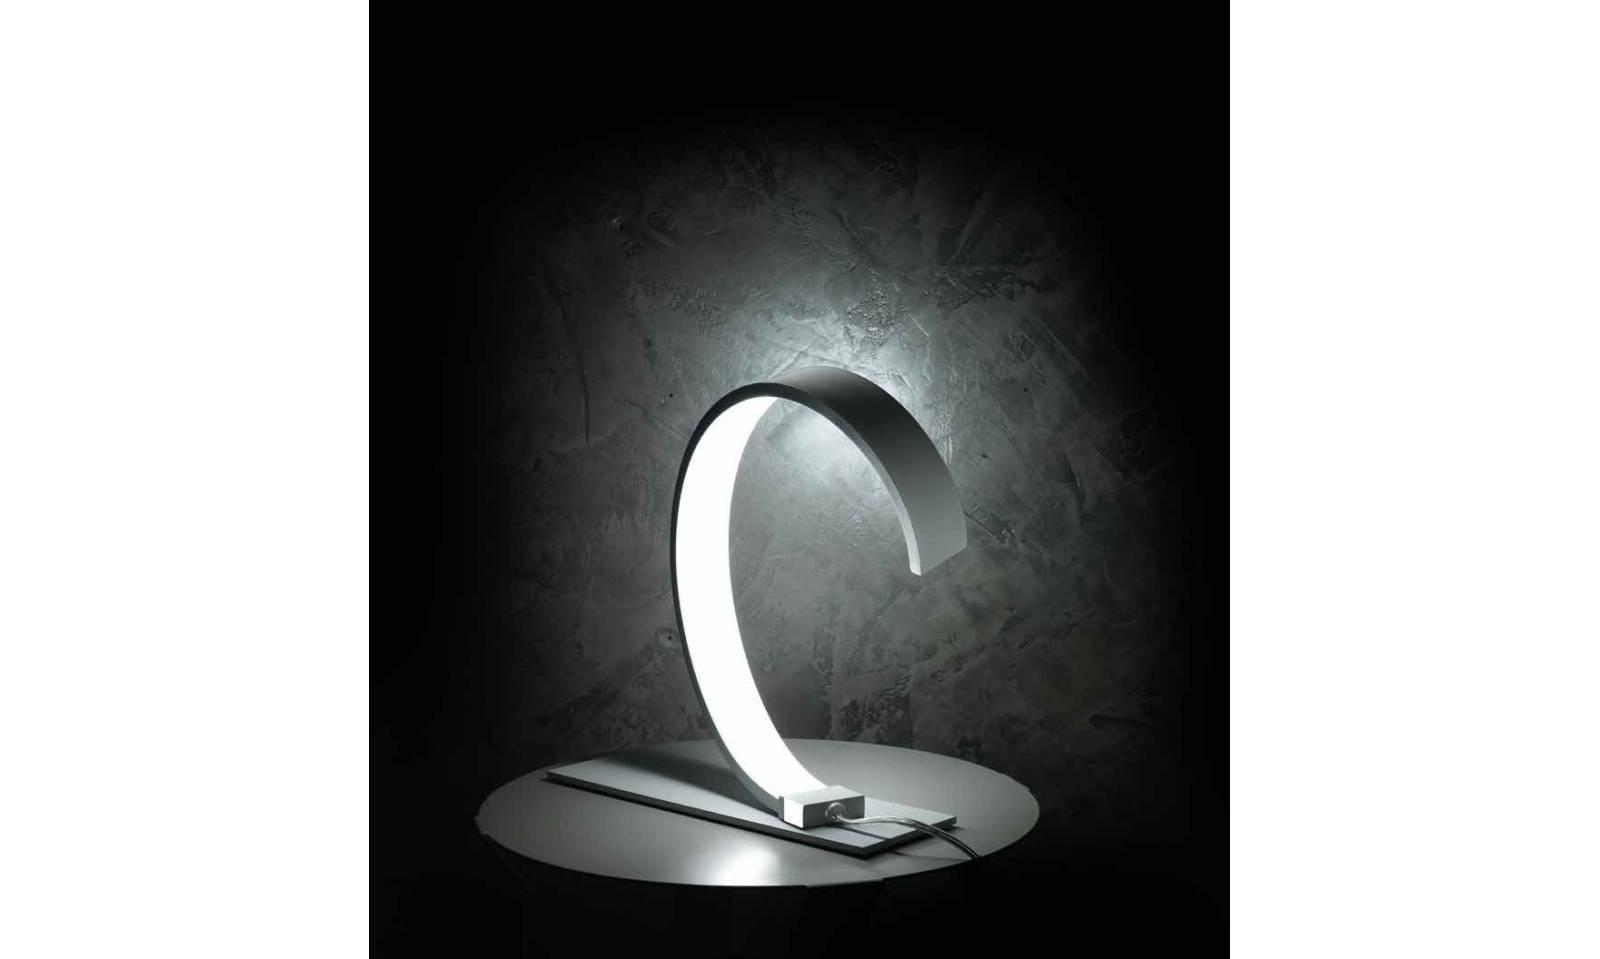 Ciciriello lampada da tavolo nastro led - Lampada a led da tavolo ...